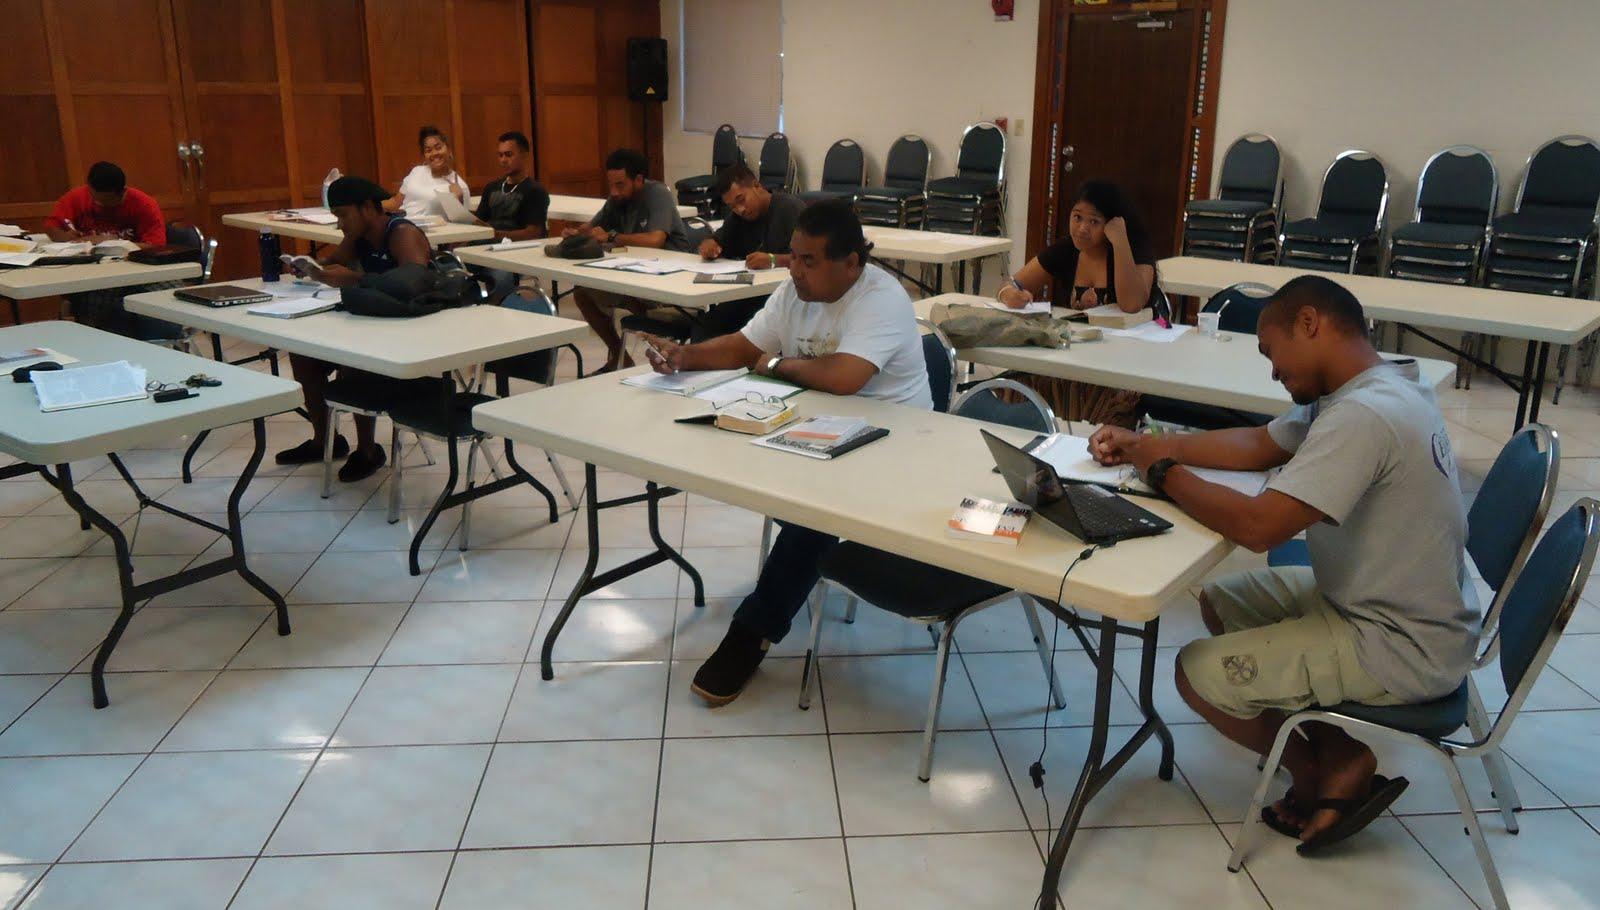 Dave Owen's Guam Blog: Hebrews Exegesis Class at PIU